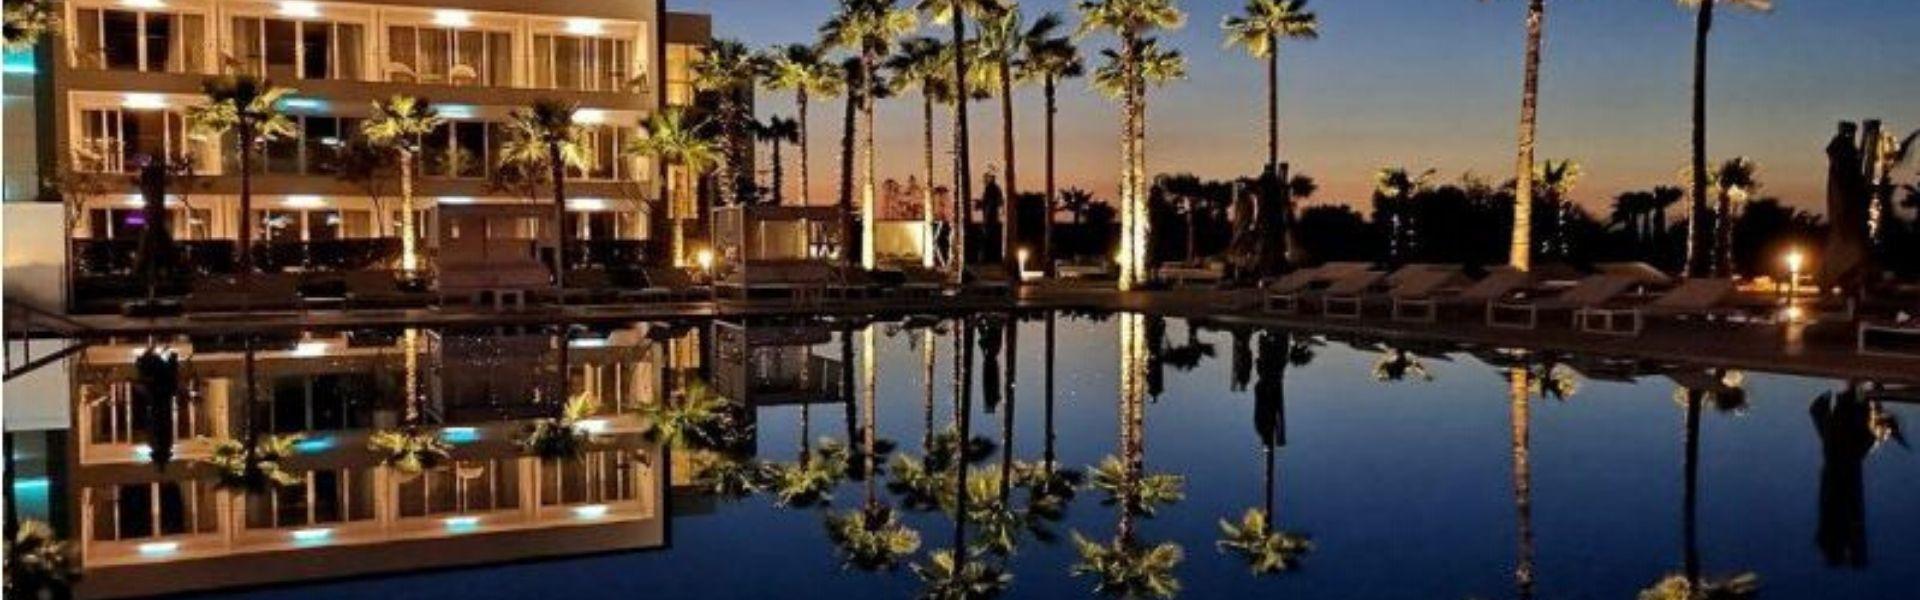 Main image ofMaroc Casablanca : Hôtel Spa et Cure thermal (3 nuits pour 2 pers) tout compris